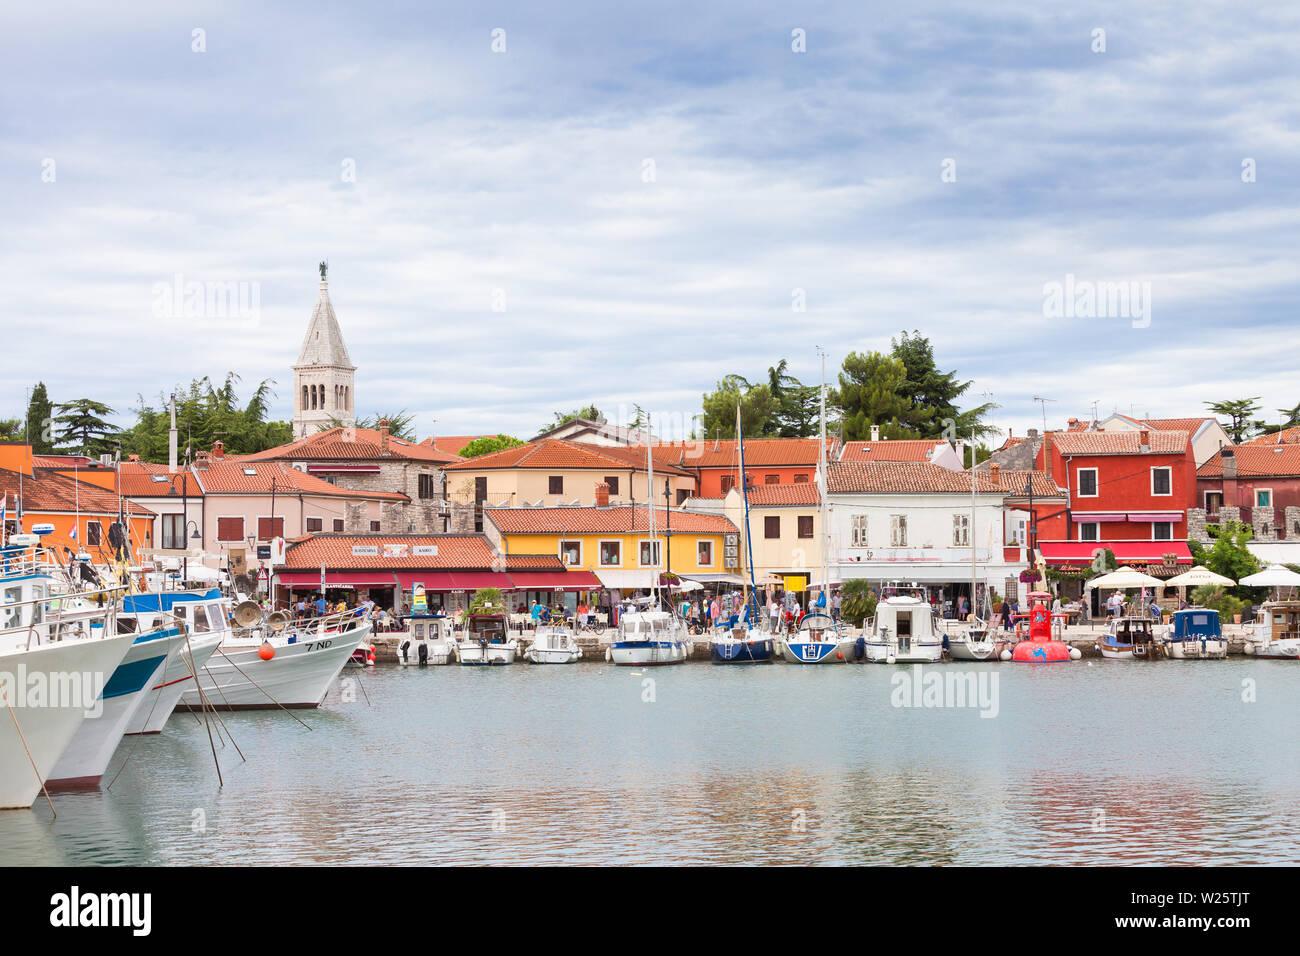 Novigrad, Istrien, Kroatien, Europa - 3. SEPTEMBER 2017 - Boote und Häuser rund um den Hafen von Novigrad Stockfoto